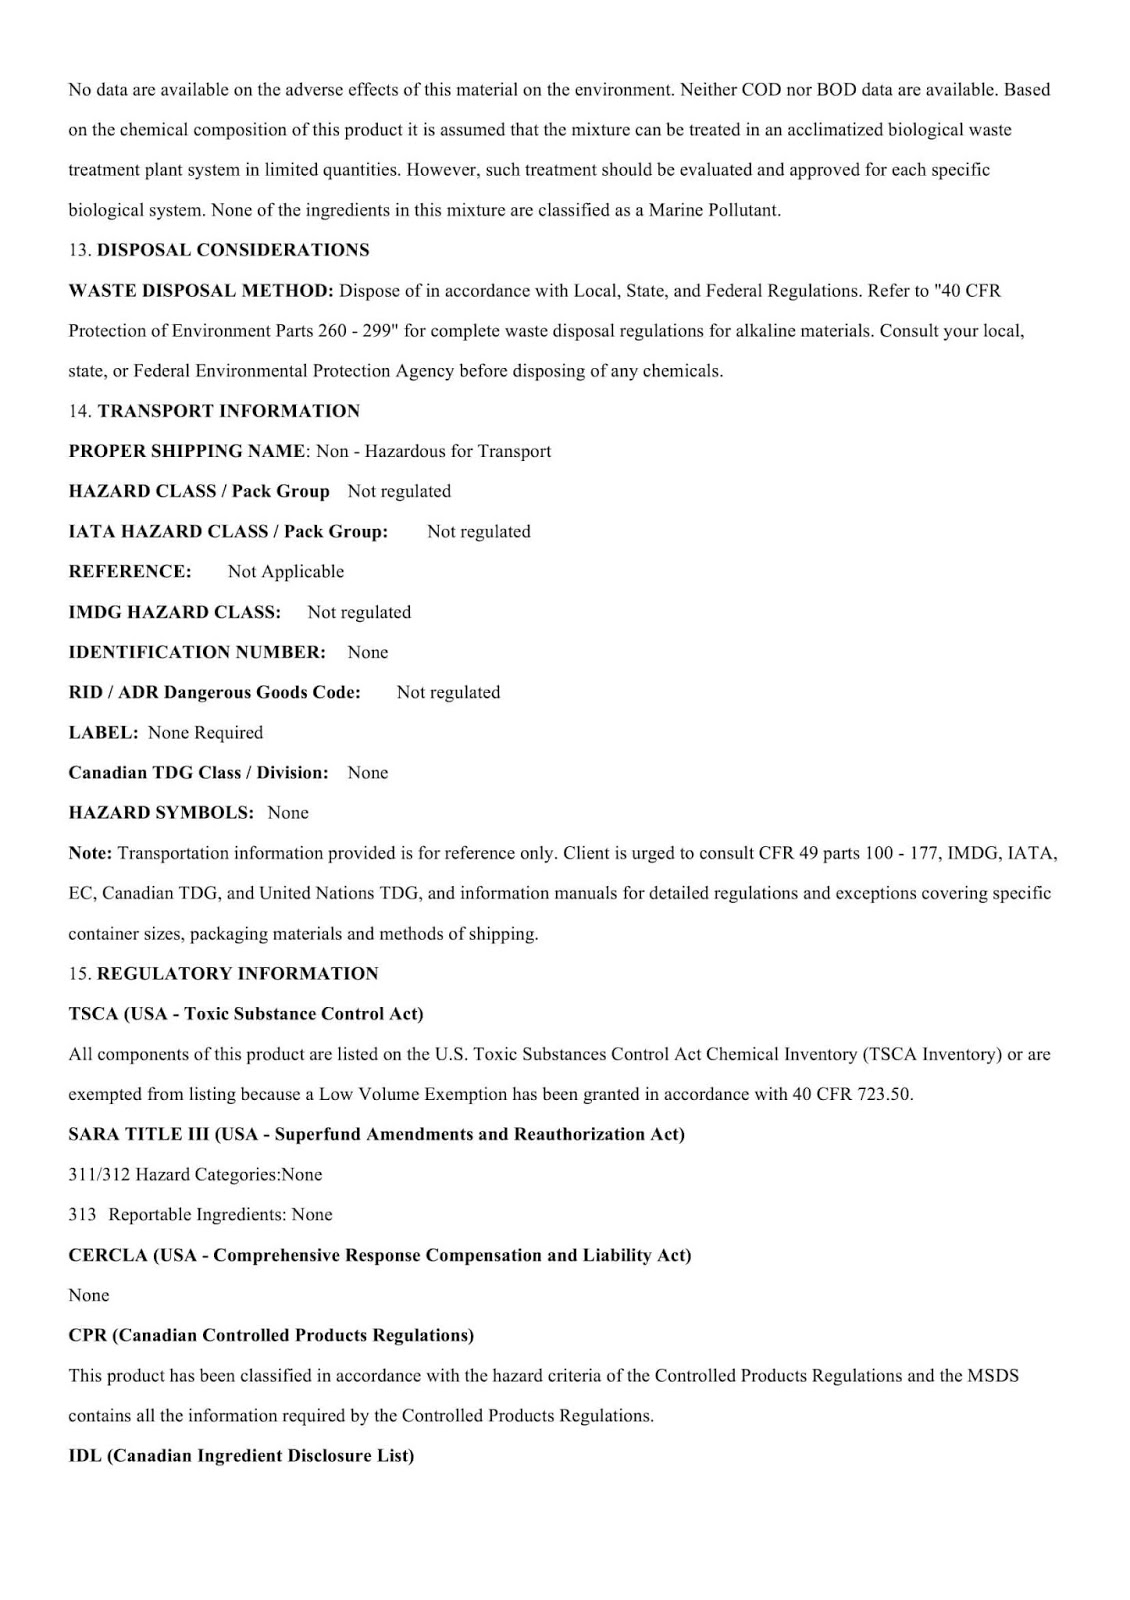 MSDS hoá chất tăng cứng bê tông DG C001 - Trang 4